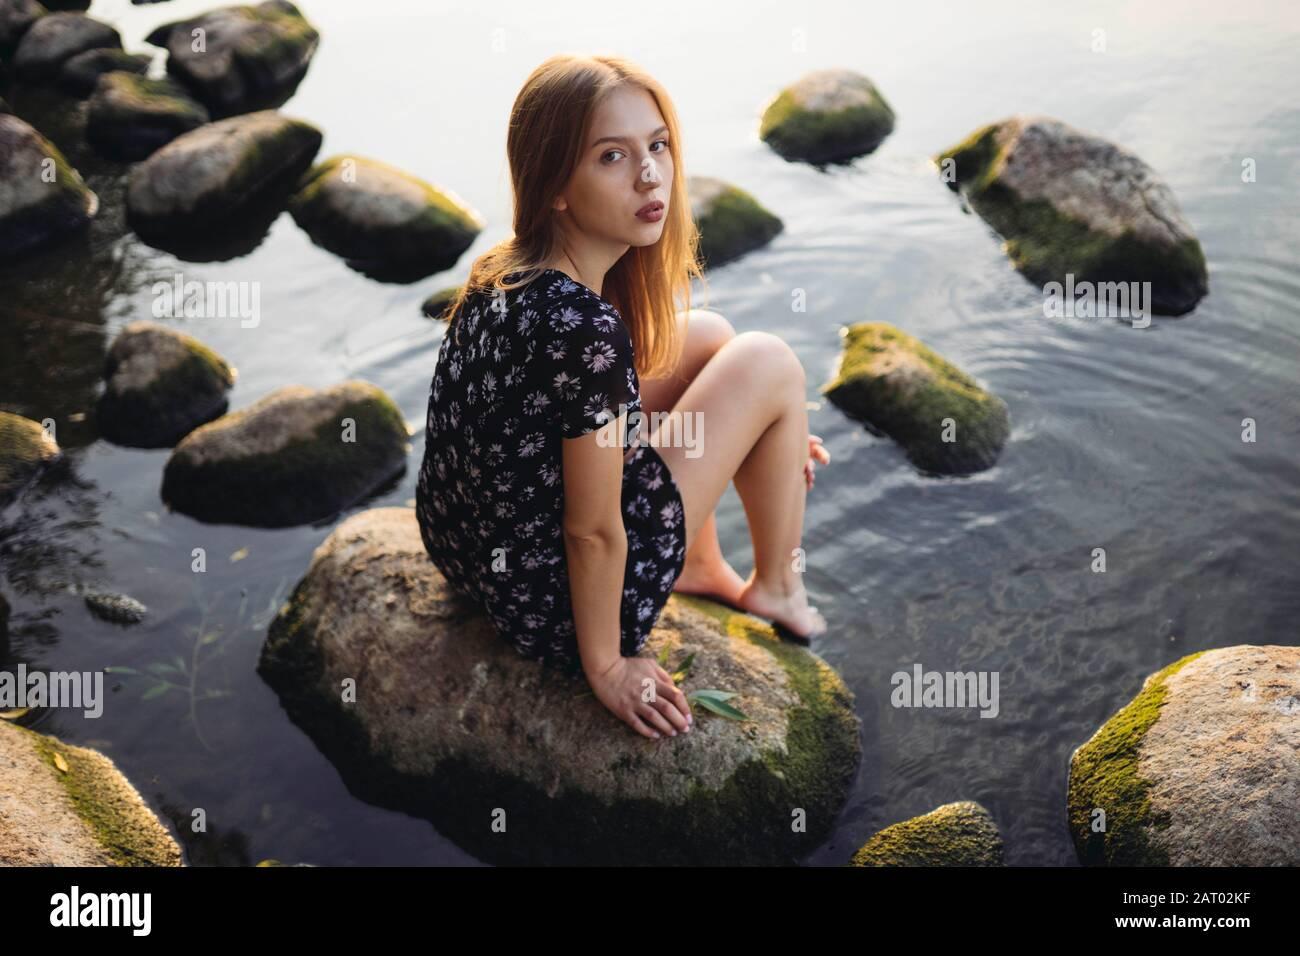 Mujer con vestido negro sentado en roca en el mar Foto de stock